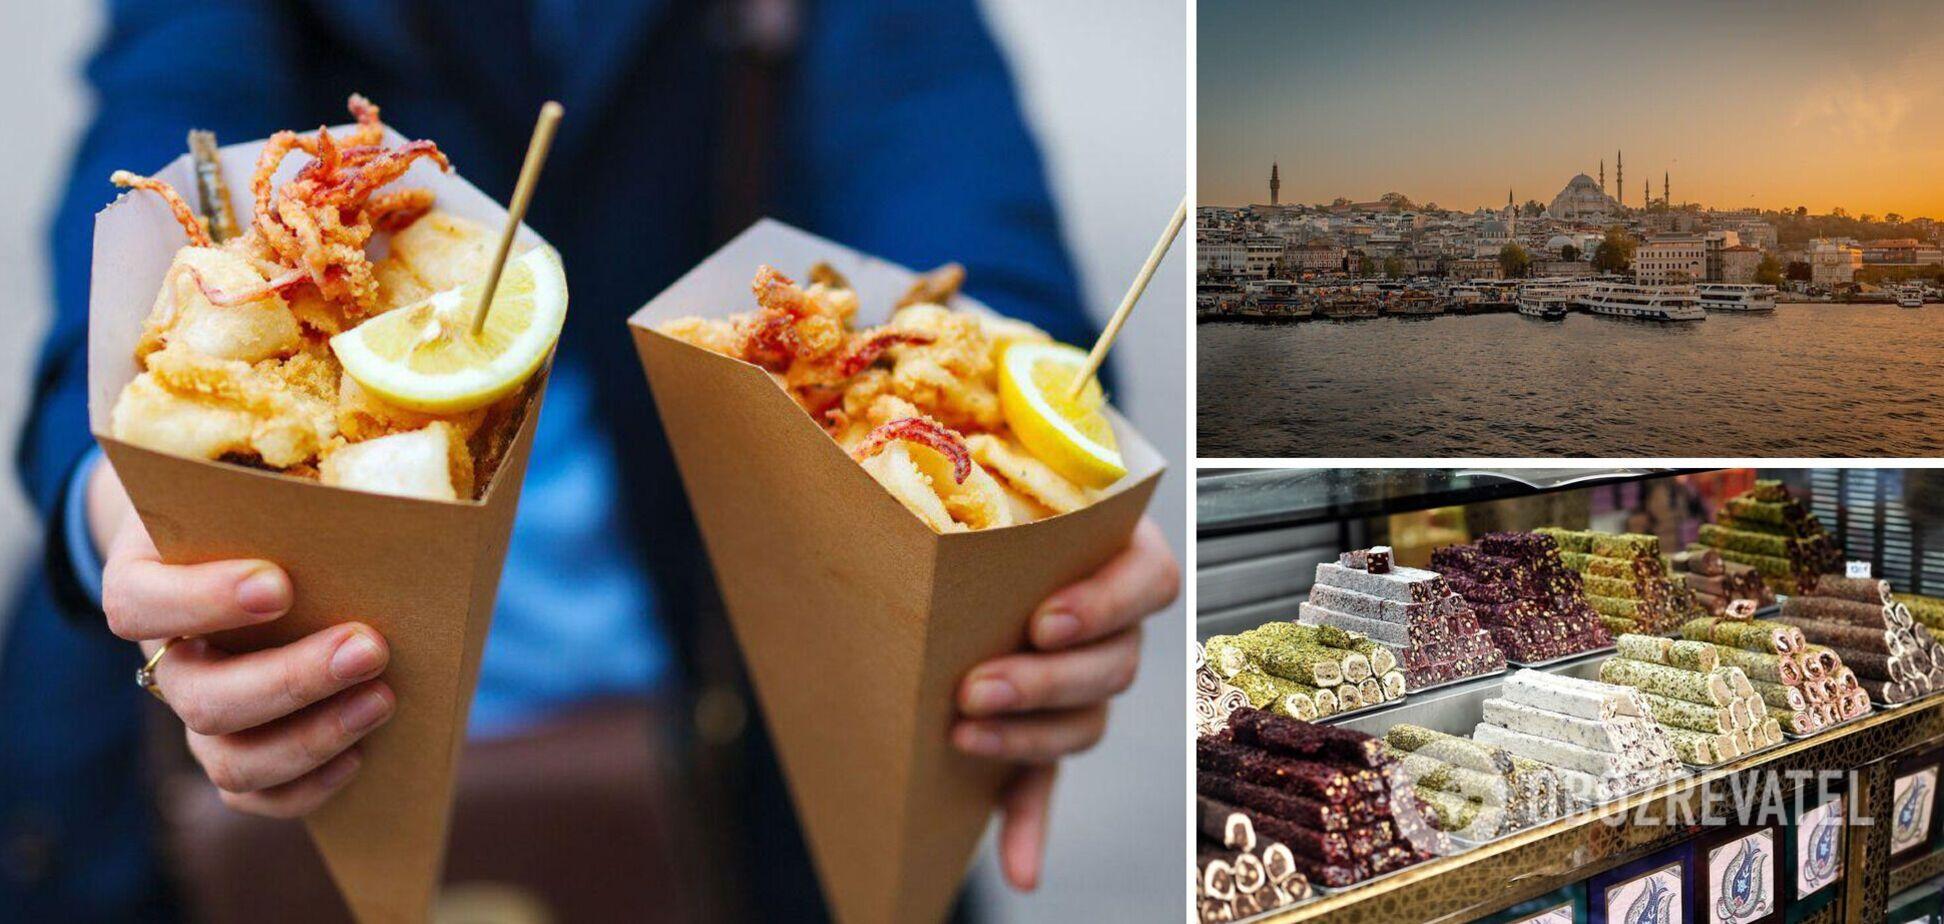 Что обязательно нужно попробовать в Турции: места с самой вкусной уличной едой